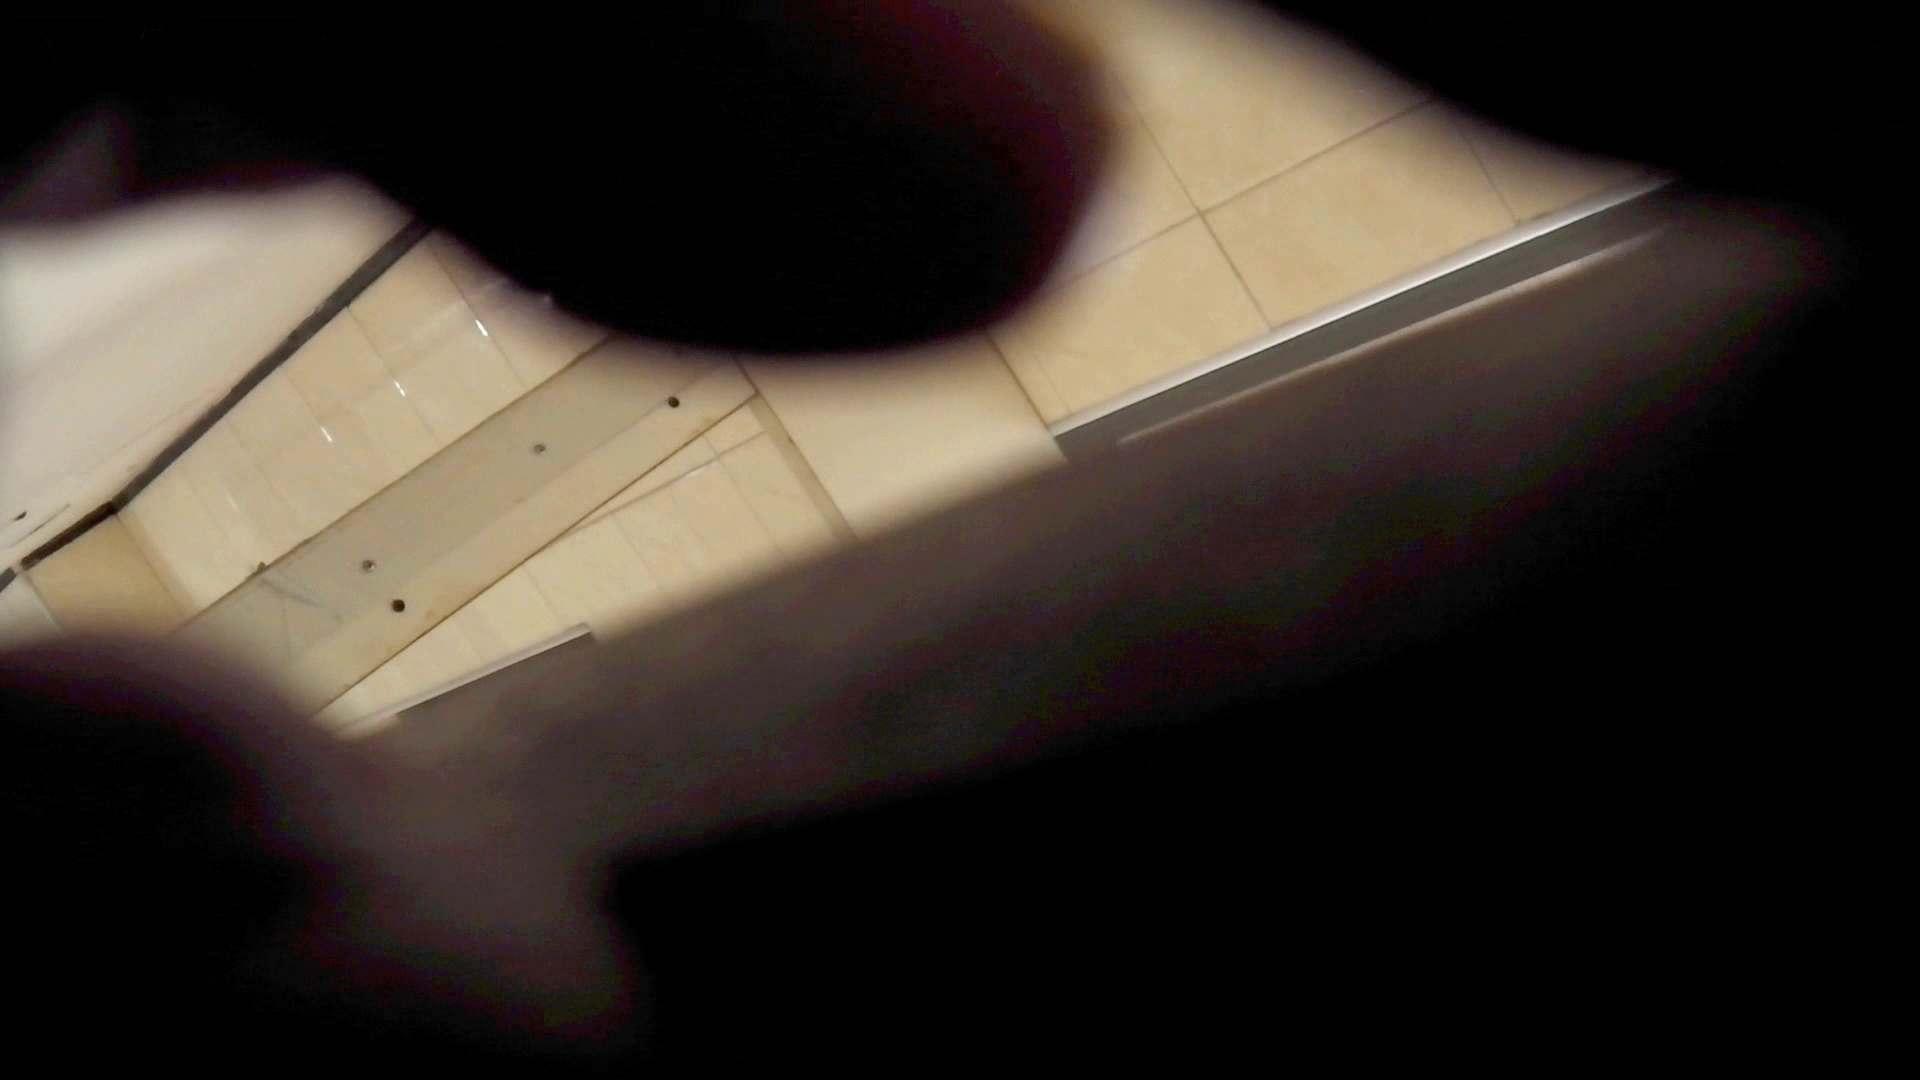 ステーション編 vol.28 無料動画に登場したモデルつい本番登場!! 高画質動画 スケベ動画紹介 29画像 29